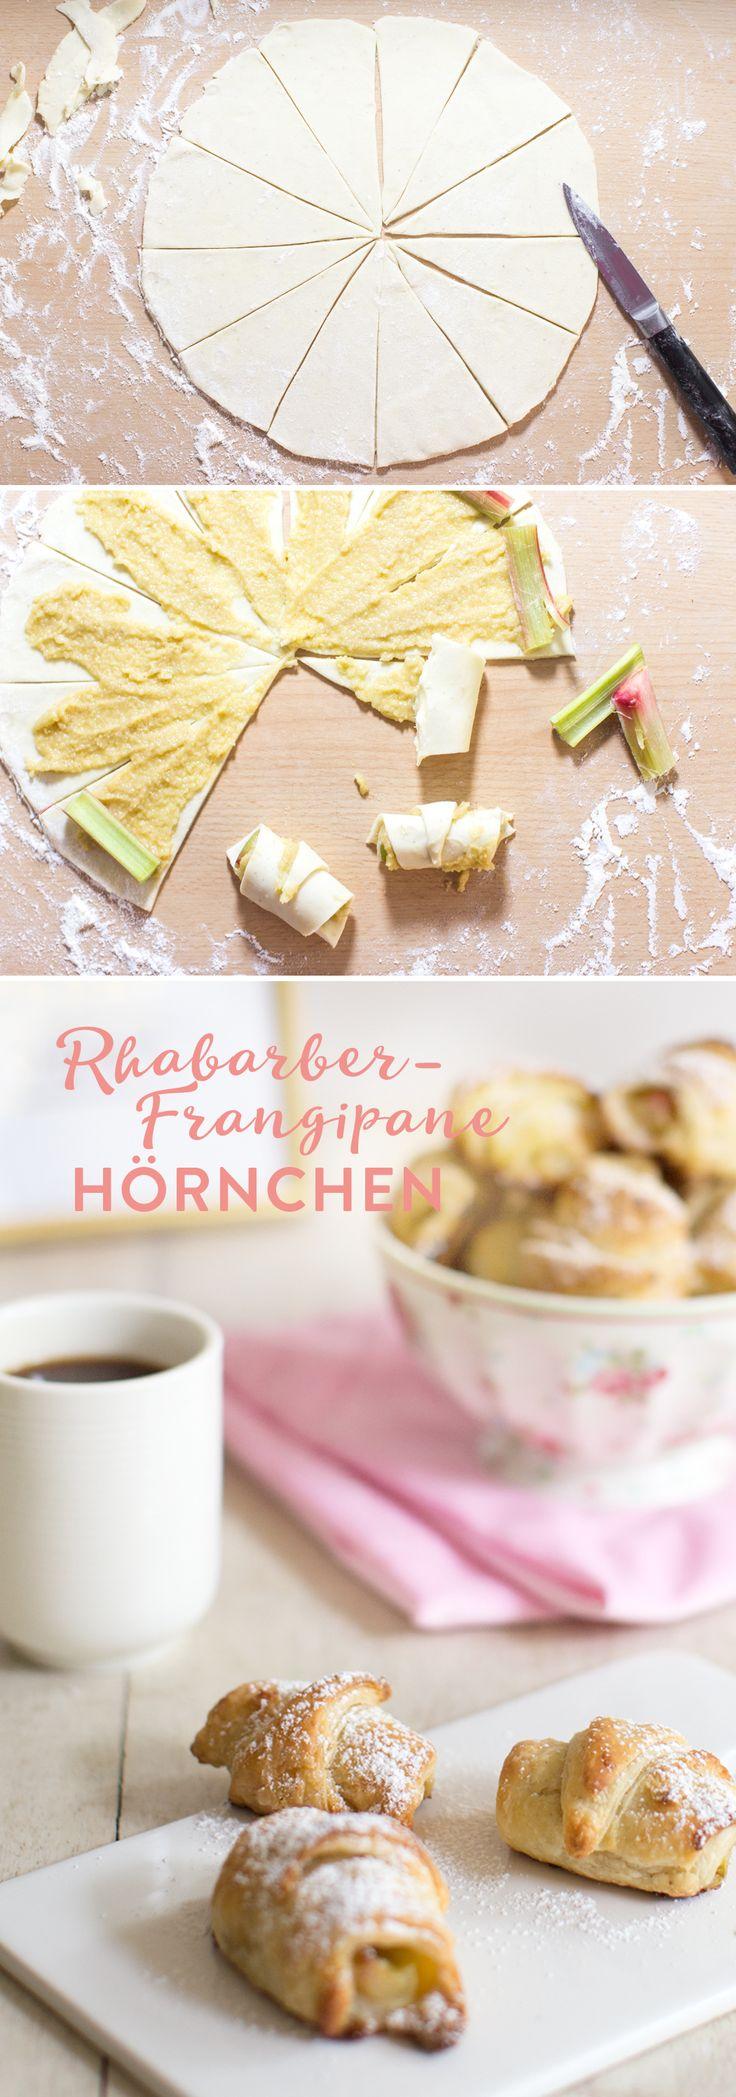 Rhabarber Frangipane Hörnchen, super blättrig und lecker! Rezept von feiertaeglich.de #rhabarbermania